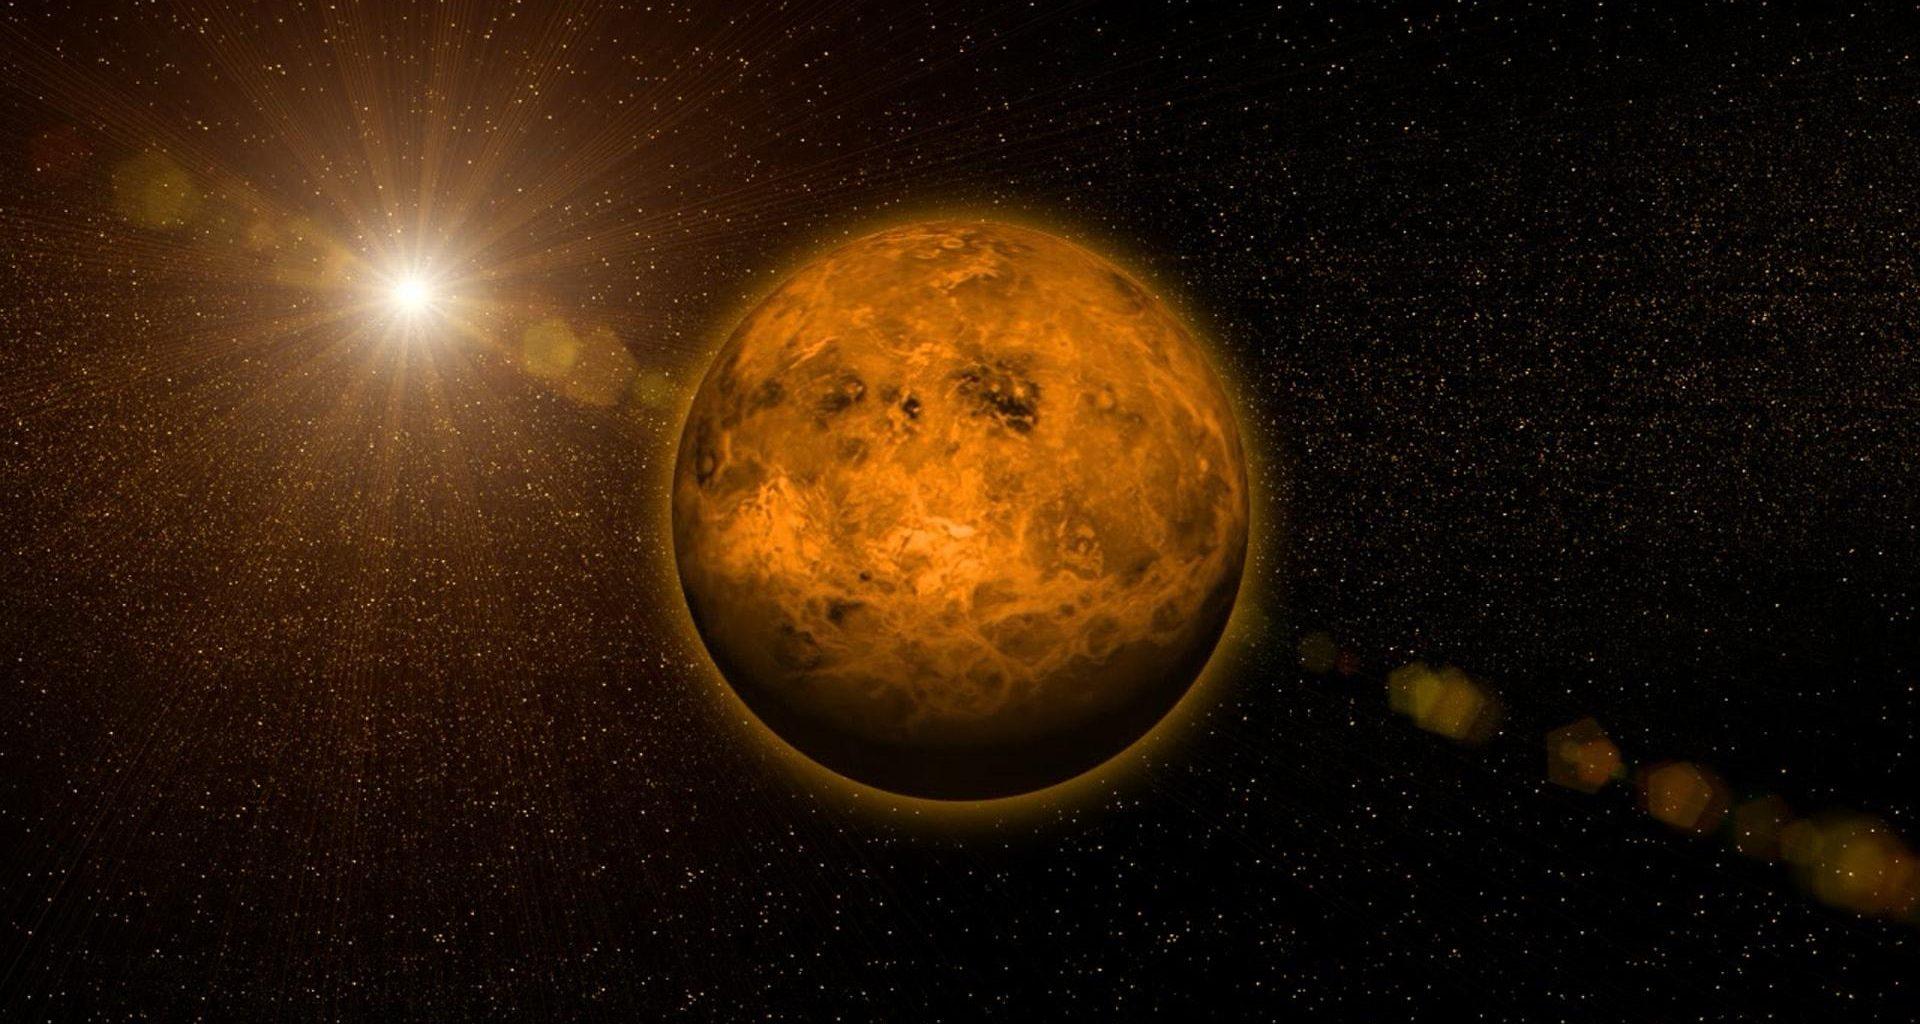 Descubren una nube gigantesca que se cierne sobre Venus durante 35 años